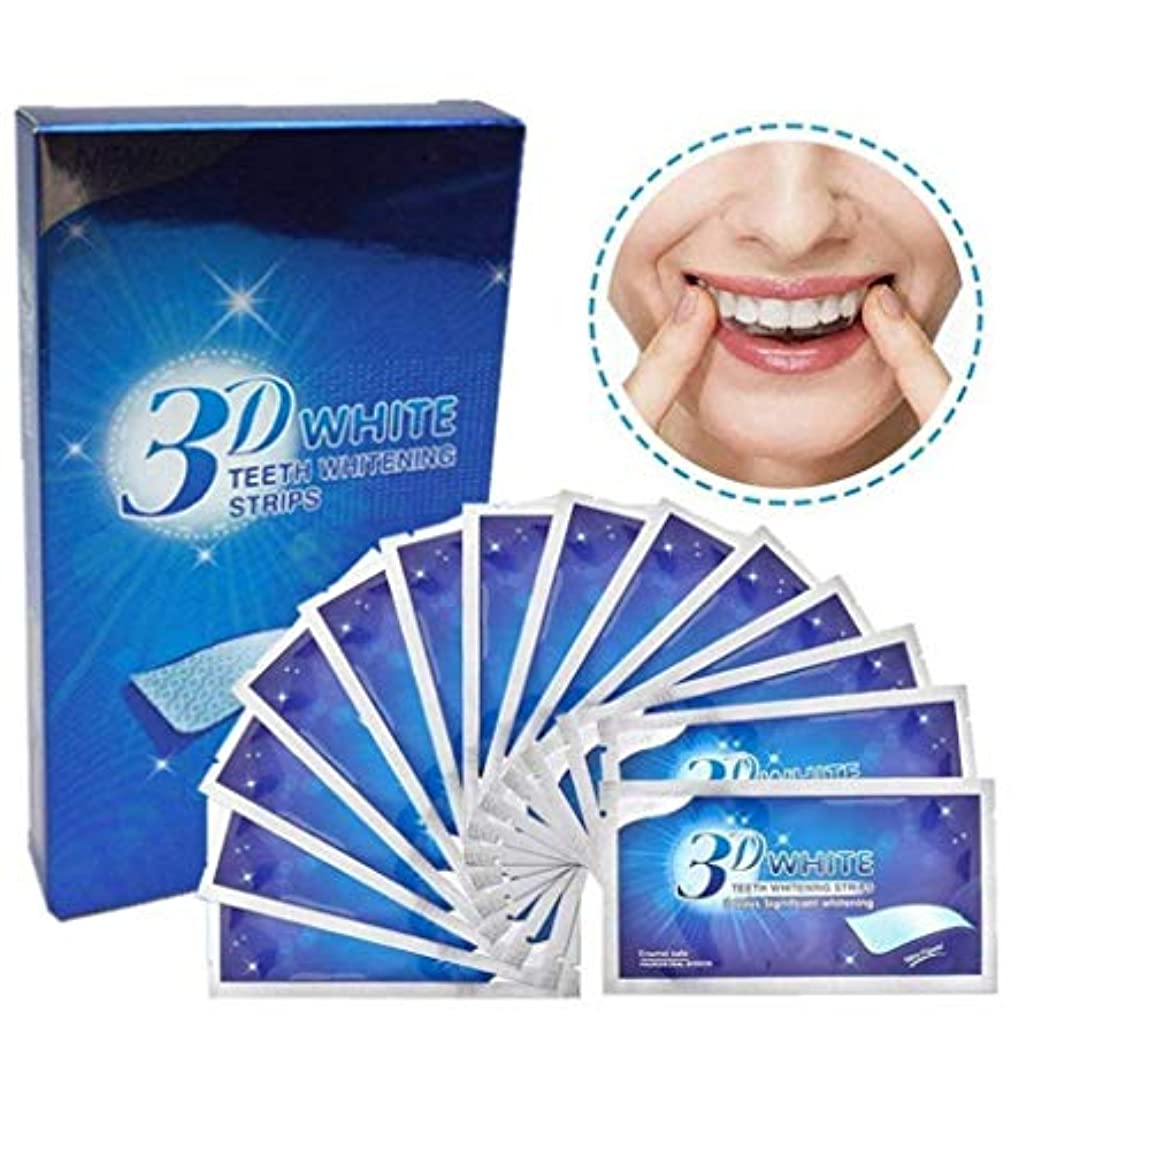 農村競争力のあるランチョン歯 美白 ホワイトニング マニキュア 歯ケア 歯のホワイトニング 美白歯磨き 歯を白 ホワイトニングテープ 歯を漂白 14枚